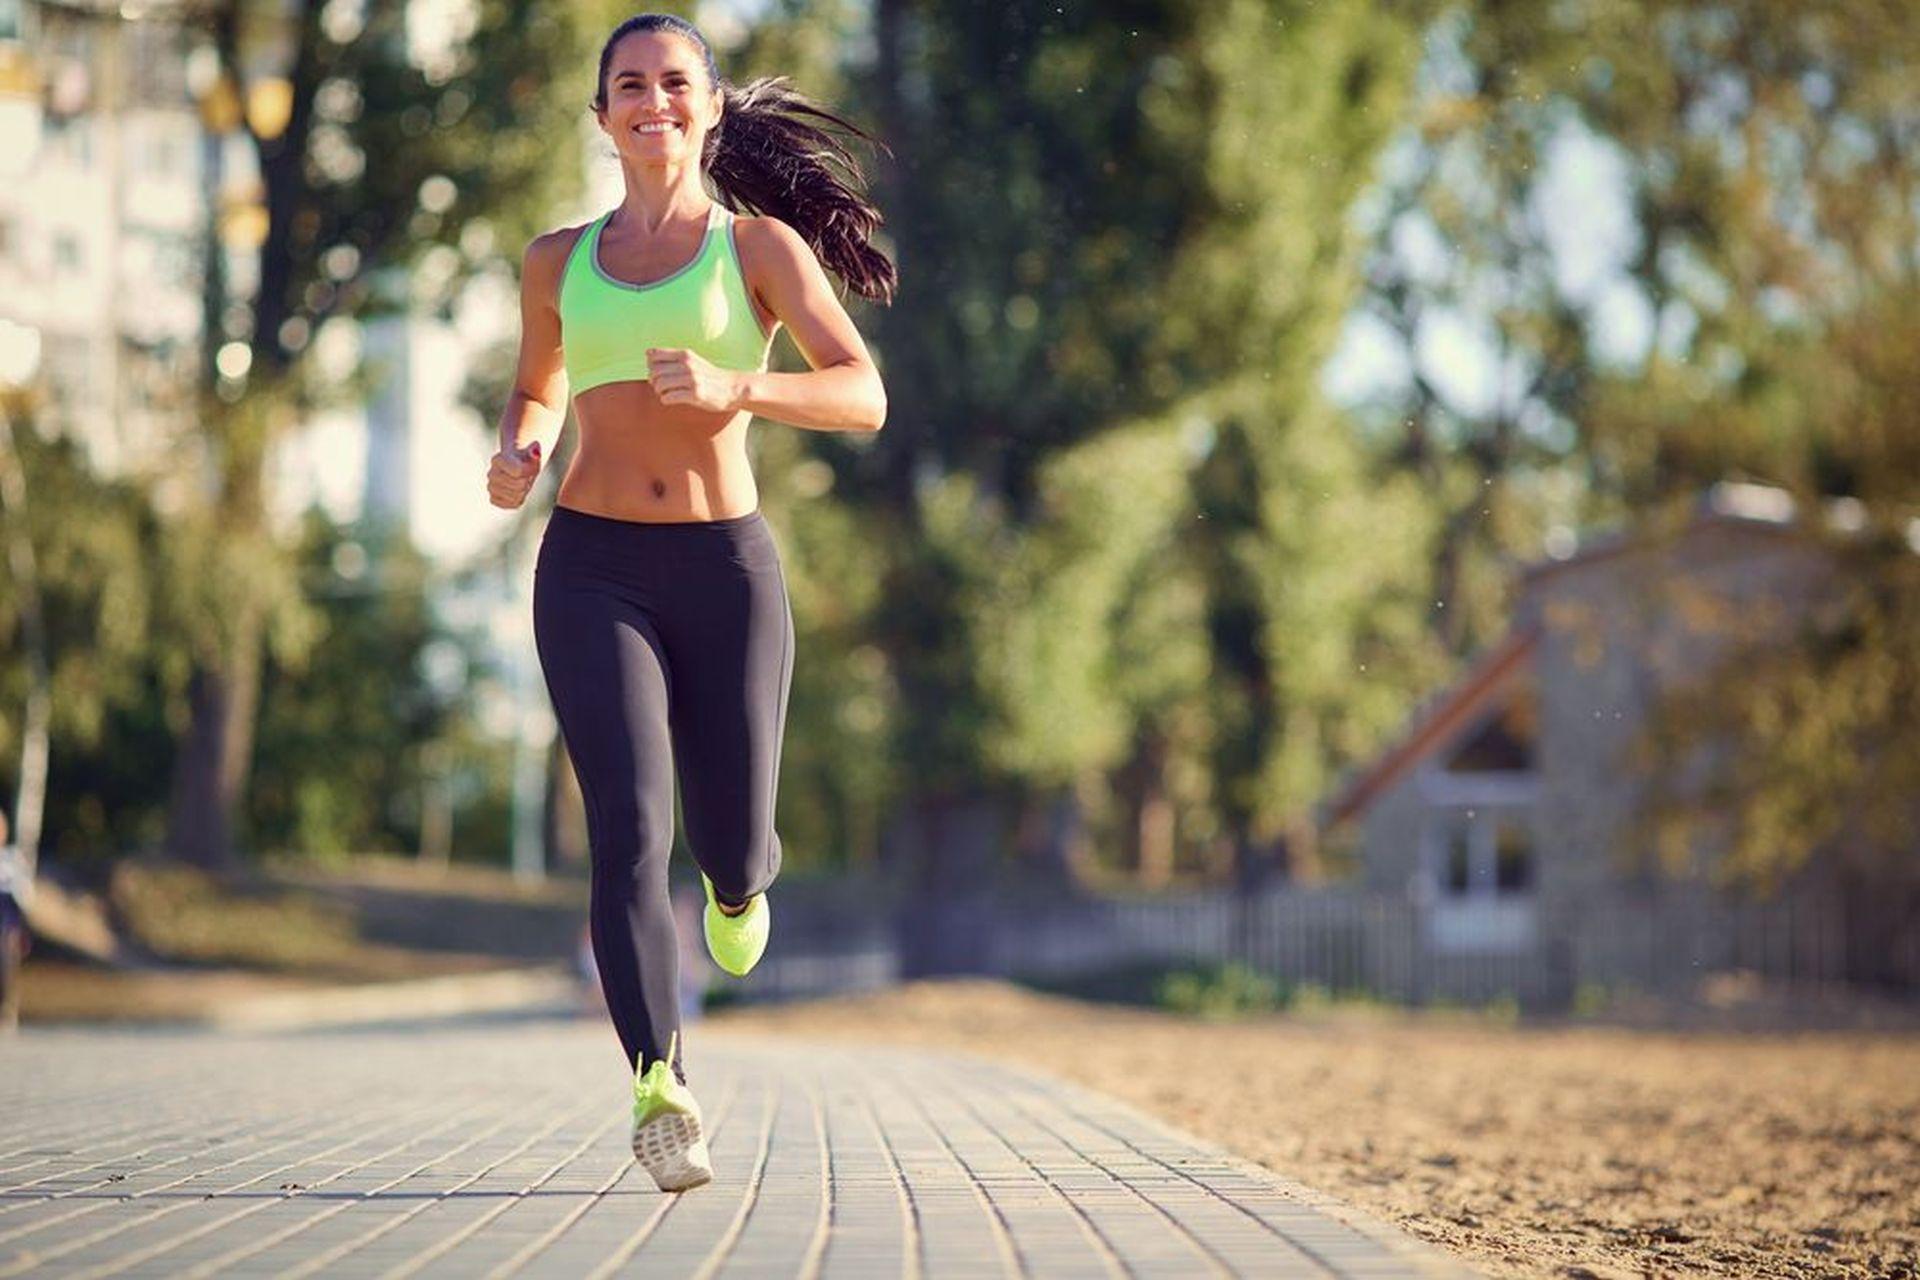 Польза От Бега Похудеть. Как правильно бегать, чтобы похудеть — делюсь личным опытом